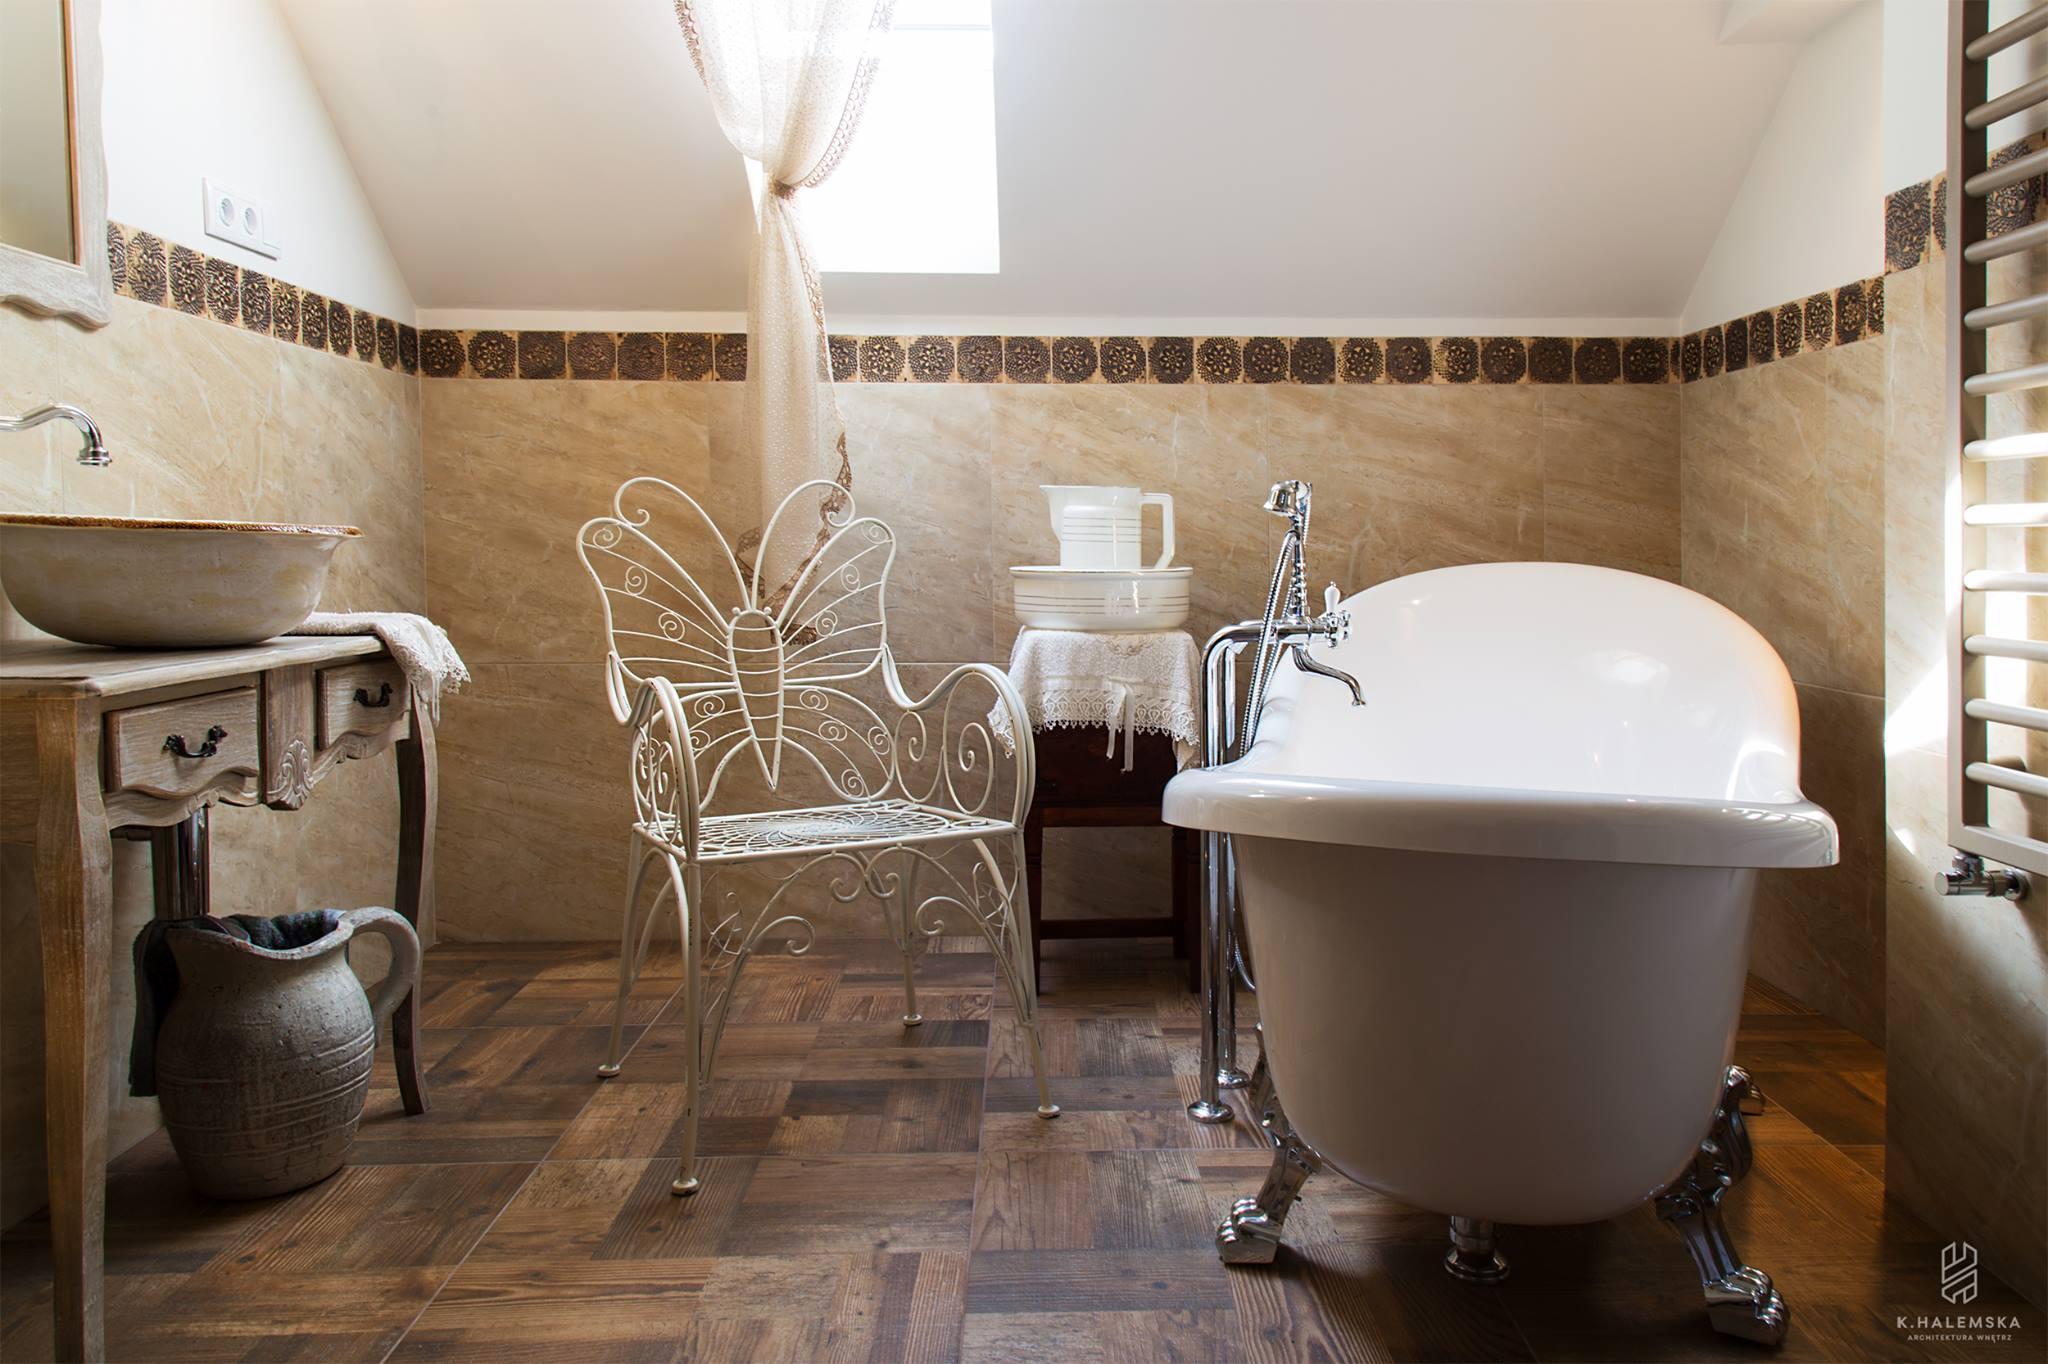 Nostalgische Waschbecken Badezimmer - Blumen Waschbe...